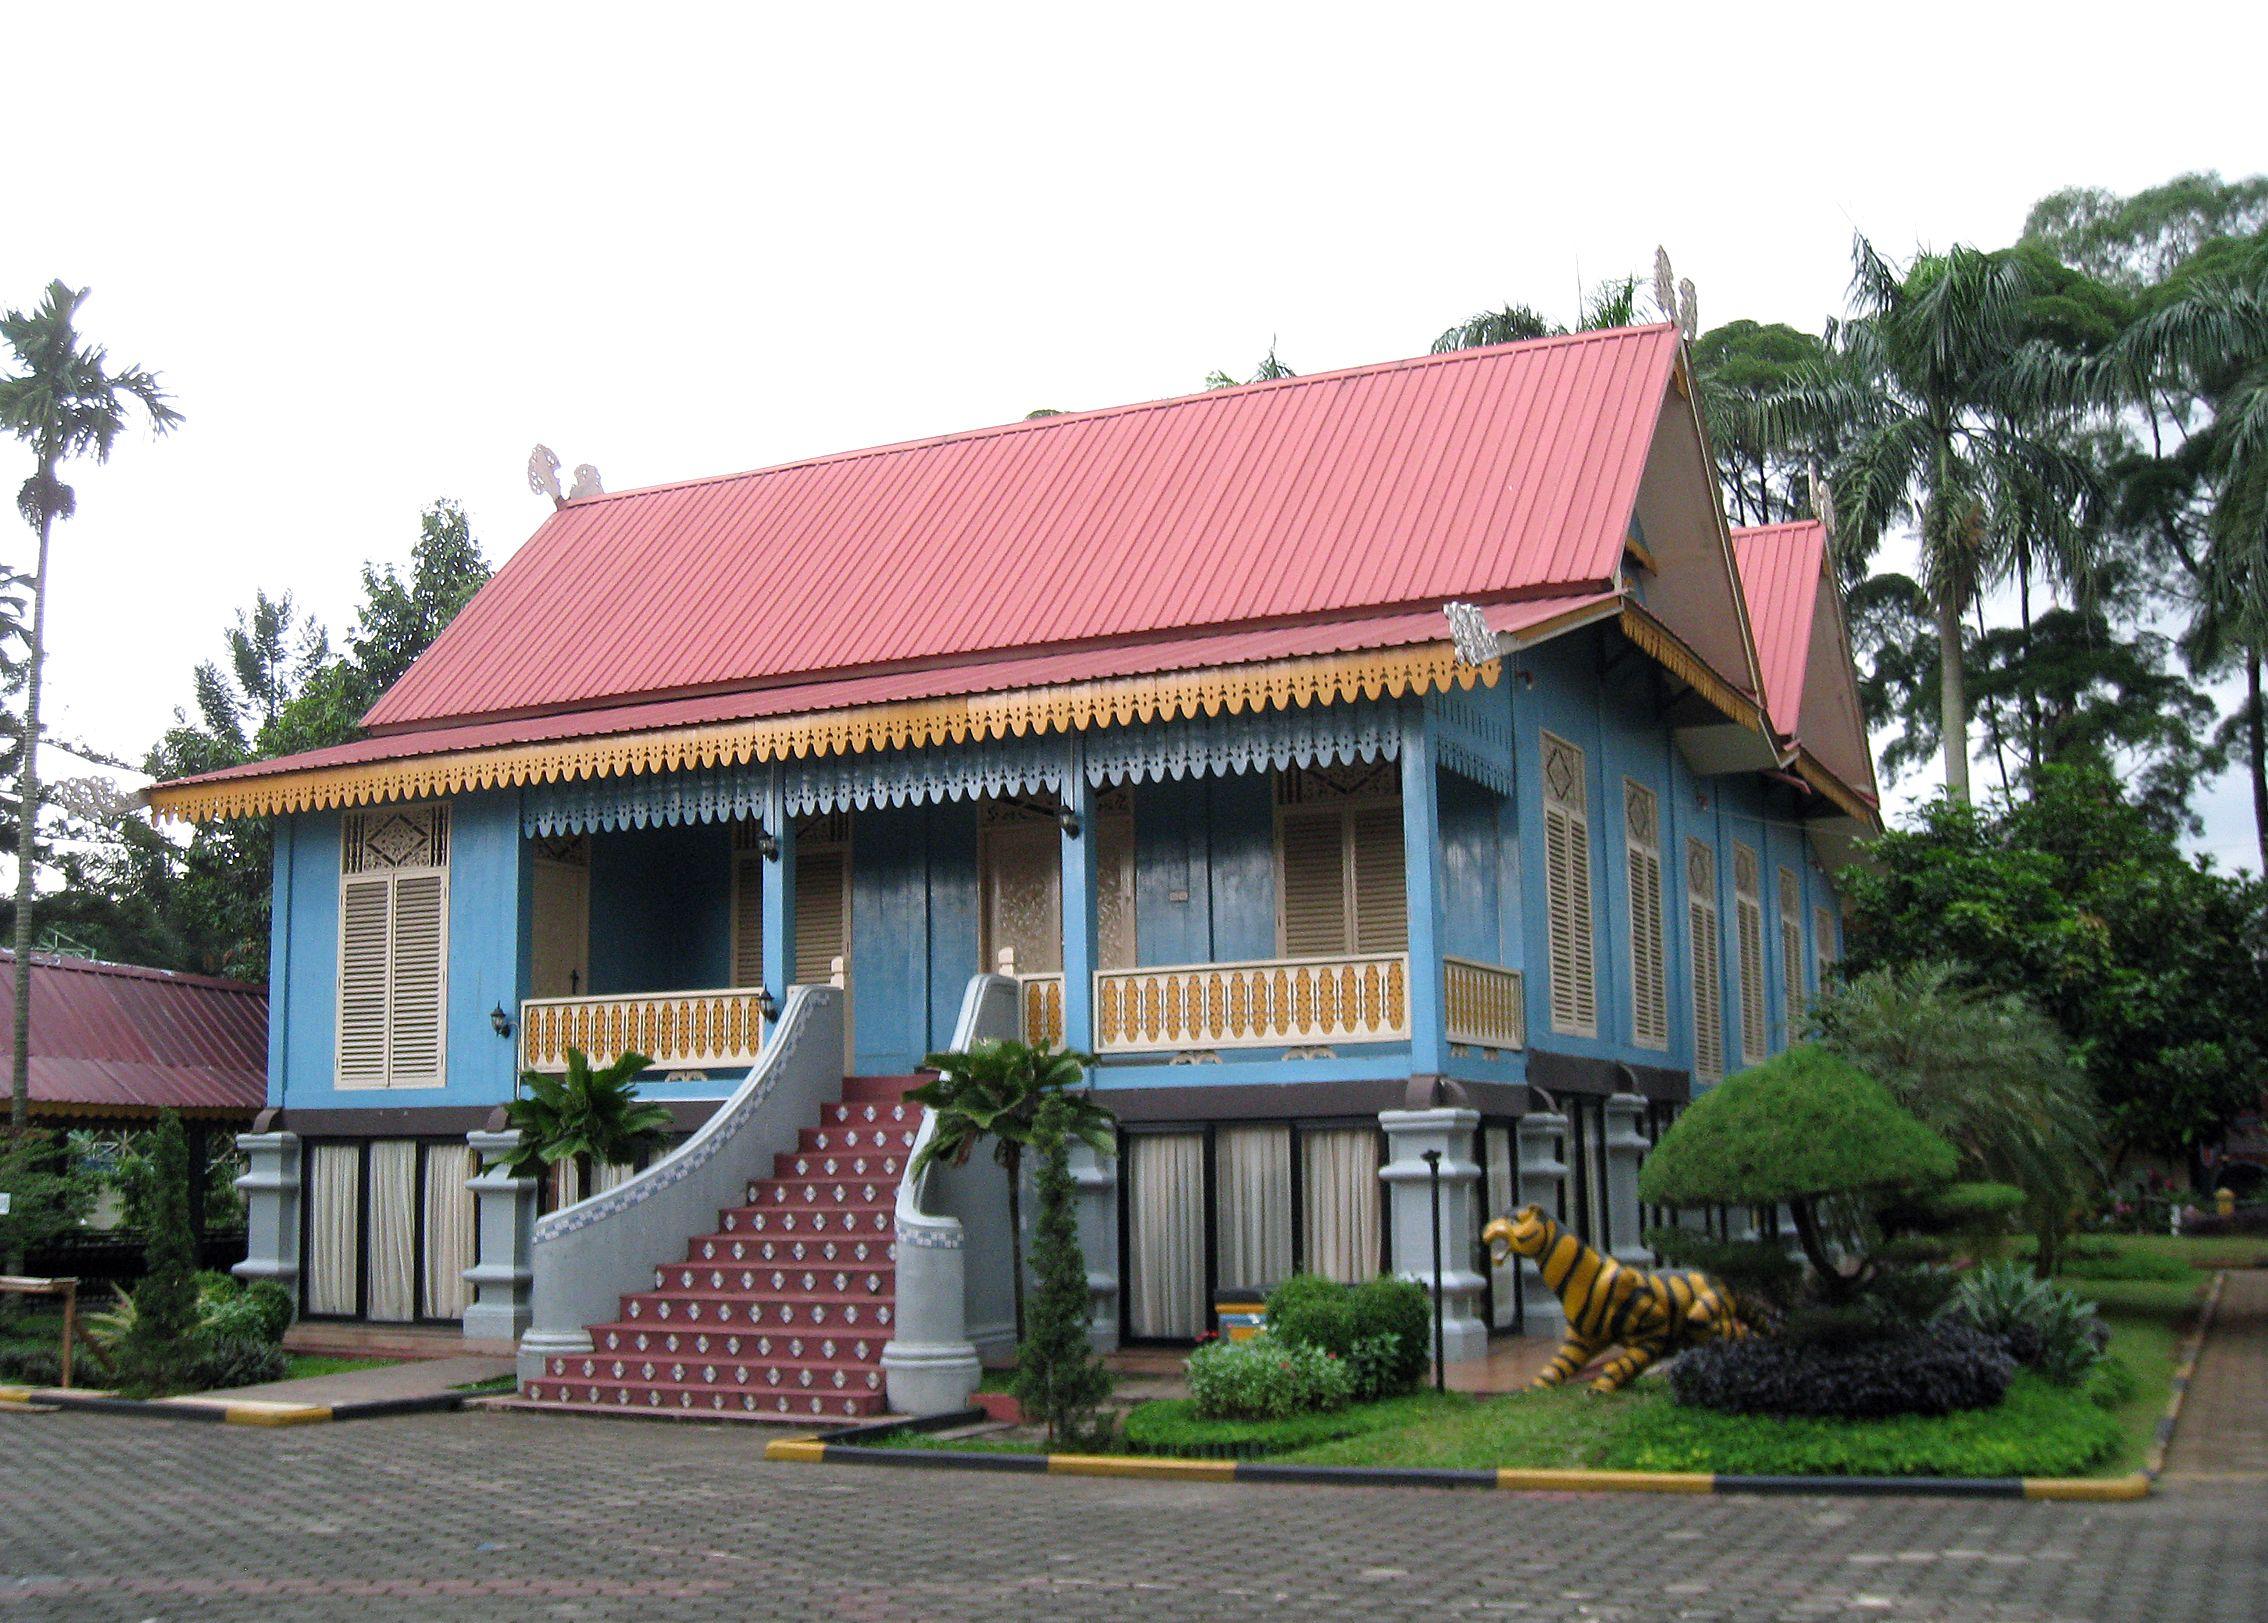 Rumah Adat Alor